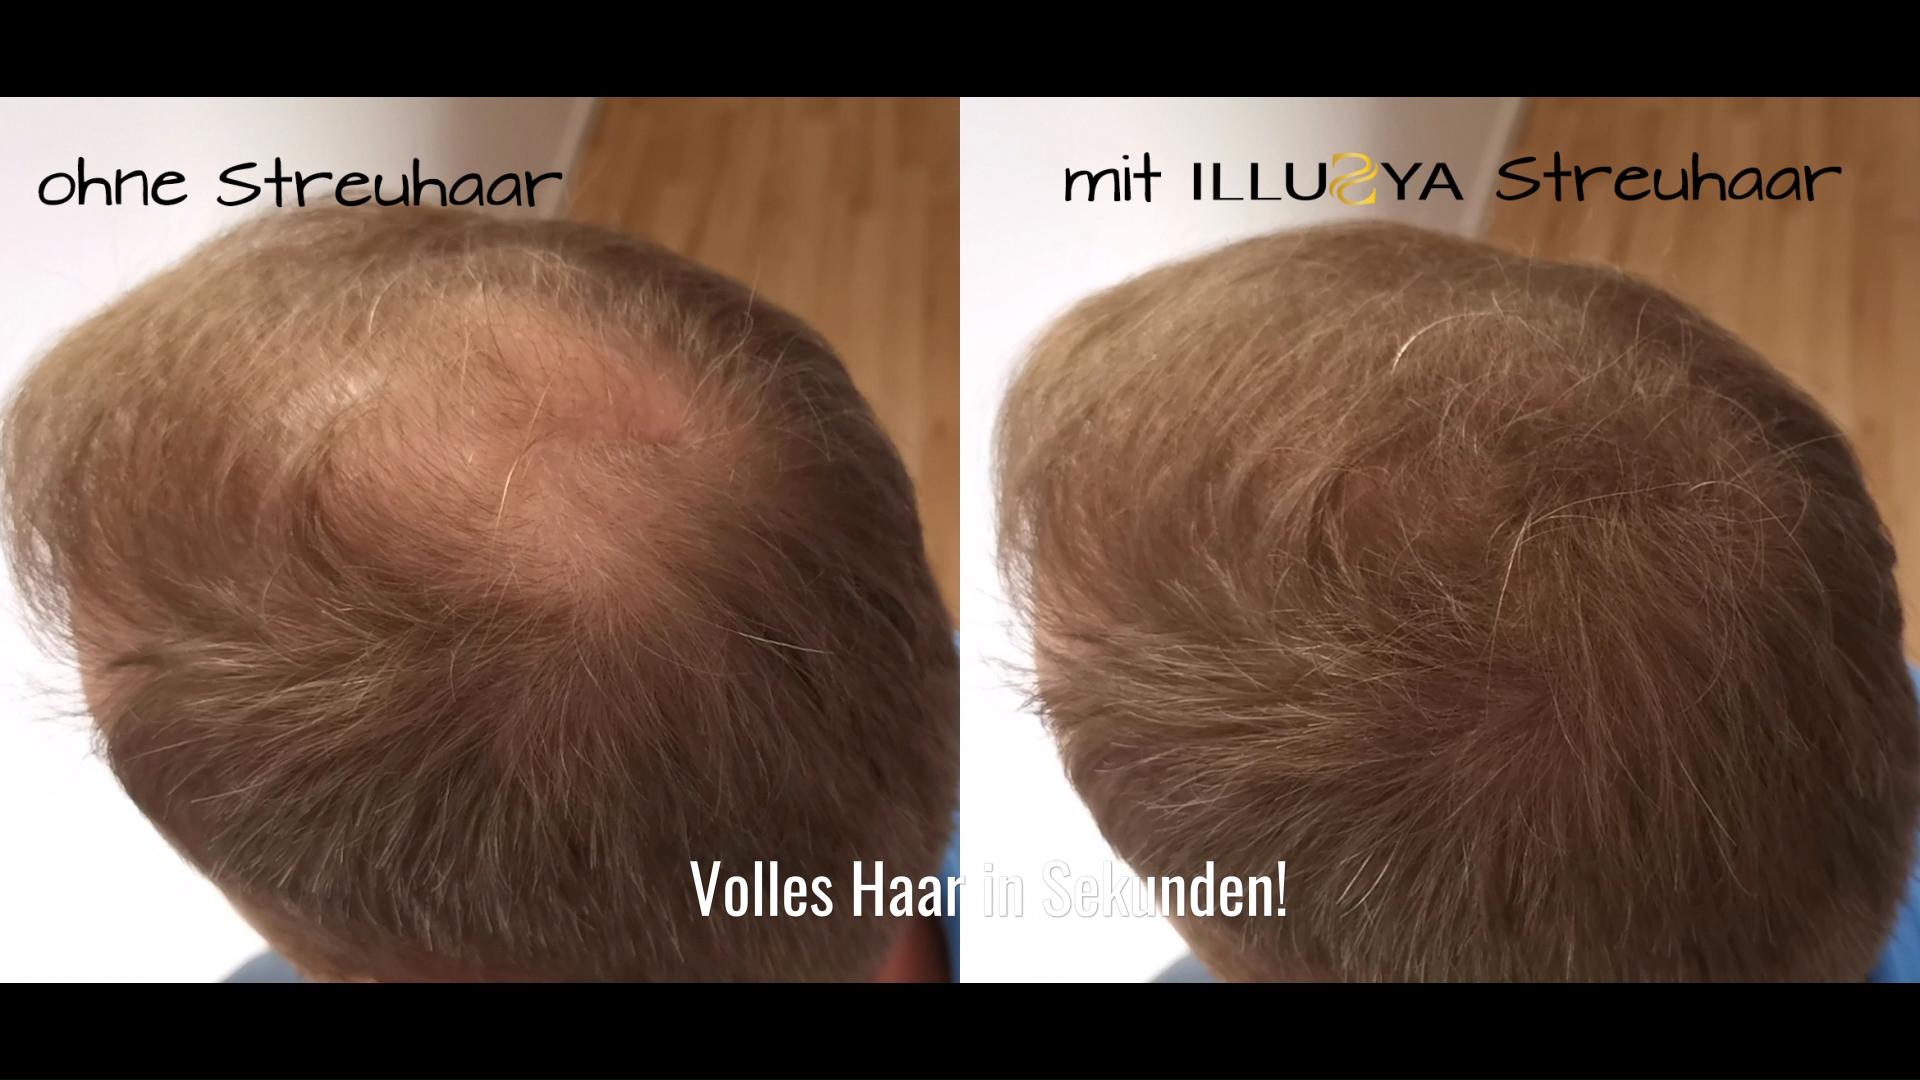 Sie Leiden Unter Haarausfall Oder Verfugen Uber Lichtes Haar Verdichten Sie Einfach Ihr Lichtes Haar Mit Illusya Streuhaar Bis Zur Nachsten Haarwasche Video Haare